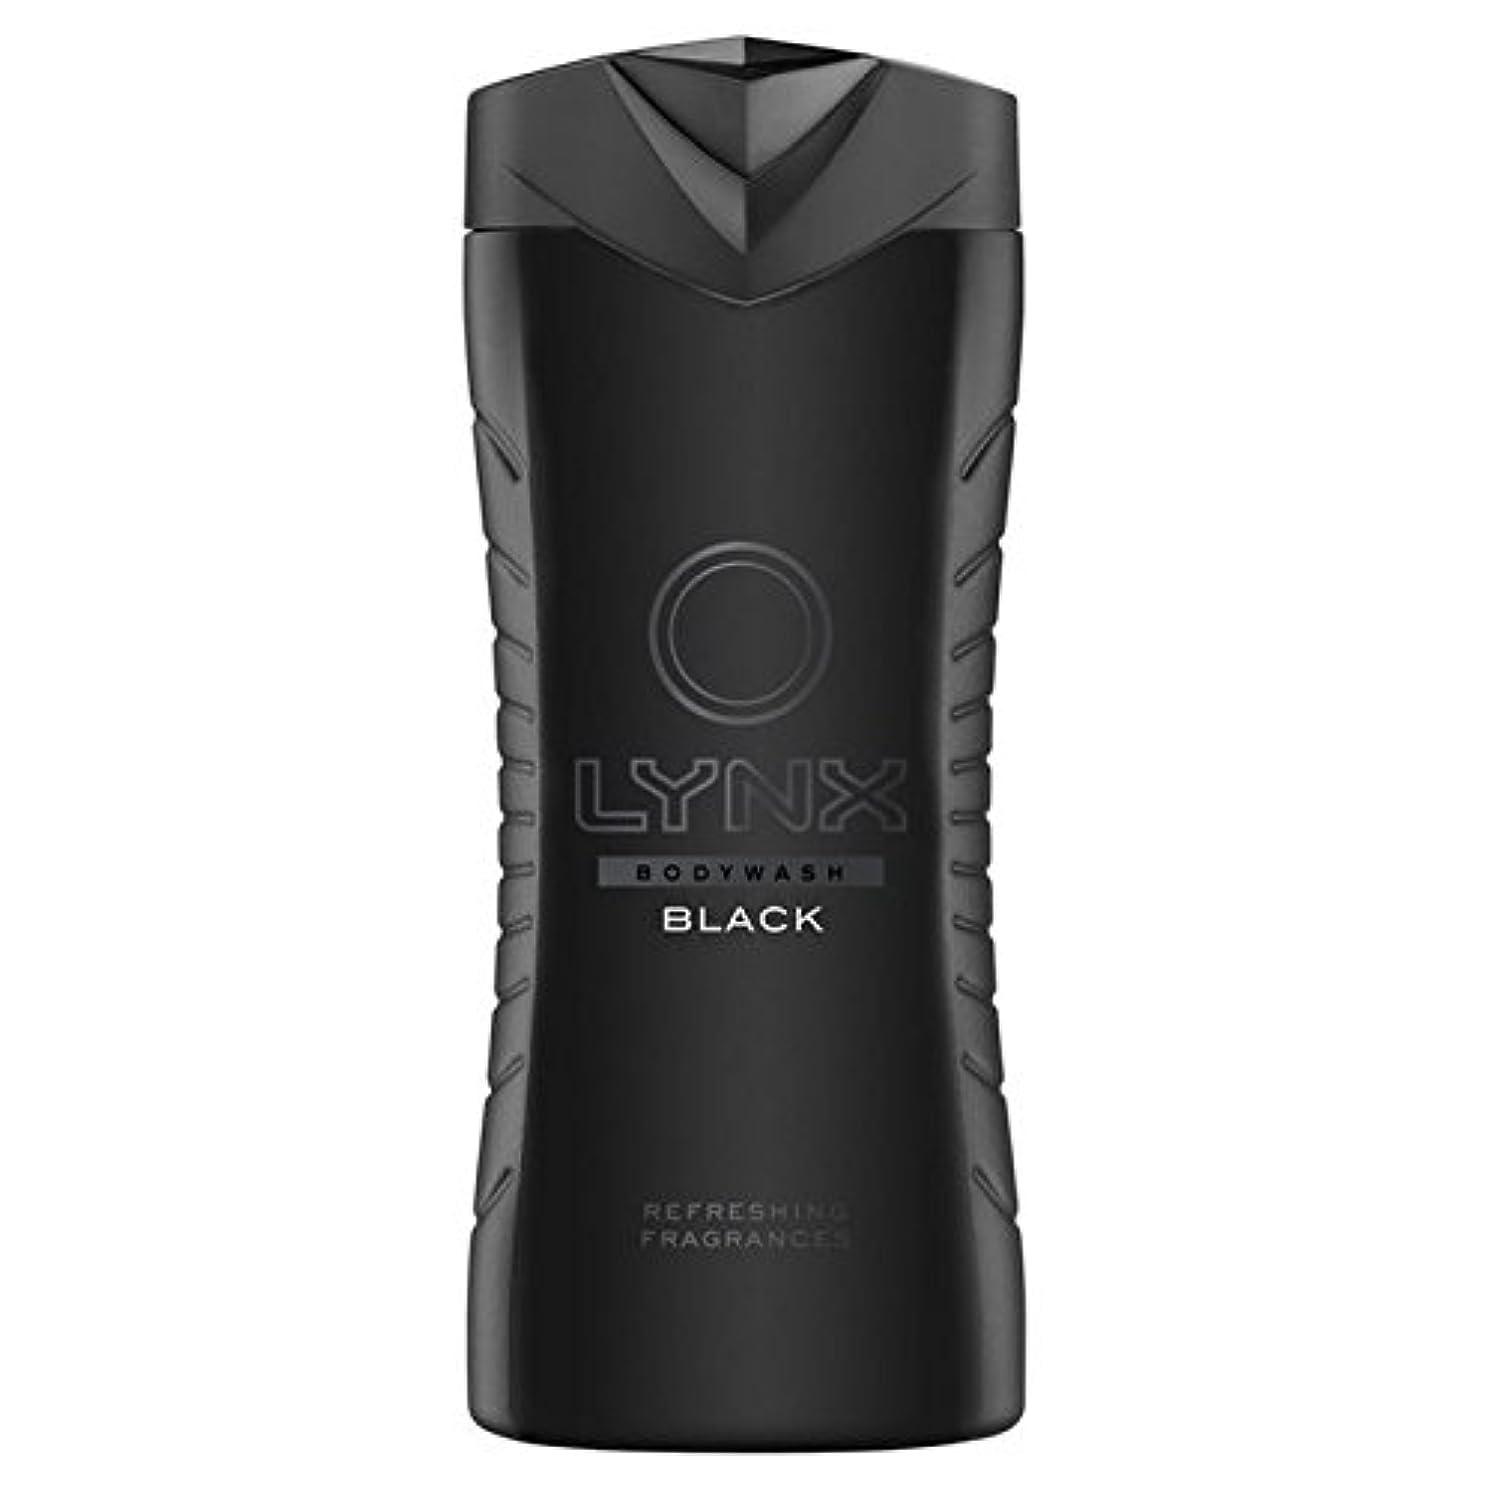 指定食物付録Lynx Black Shower Gel 400ml (Pack of 6) - オオヤマネコブラックシャワージェル400ミリリットル x6 [並行輸入品]